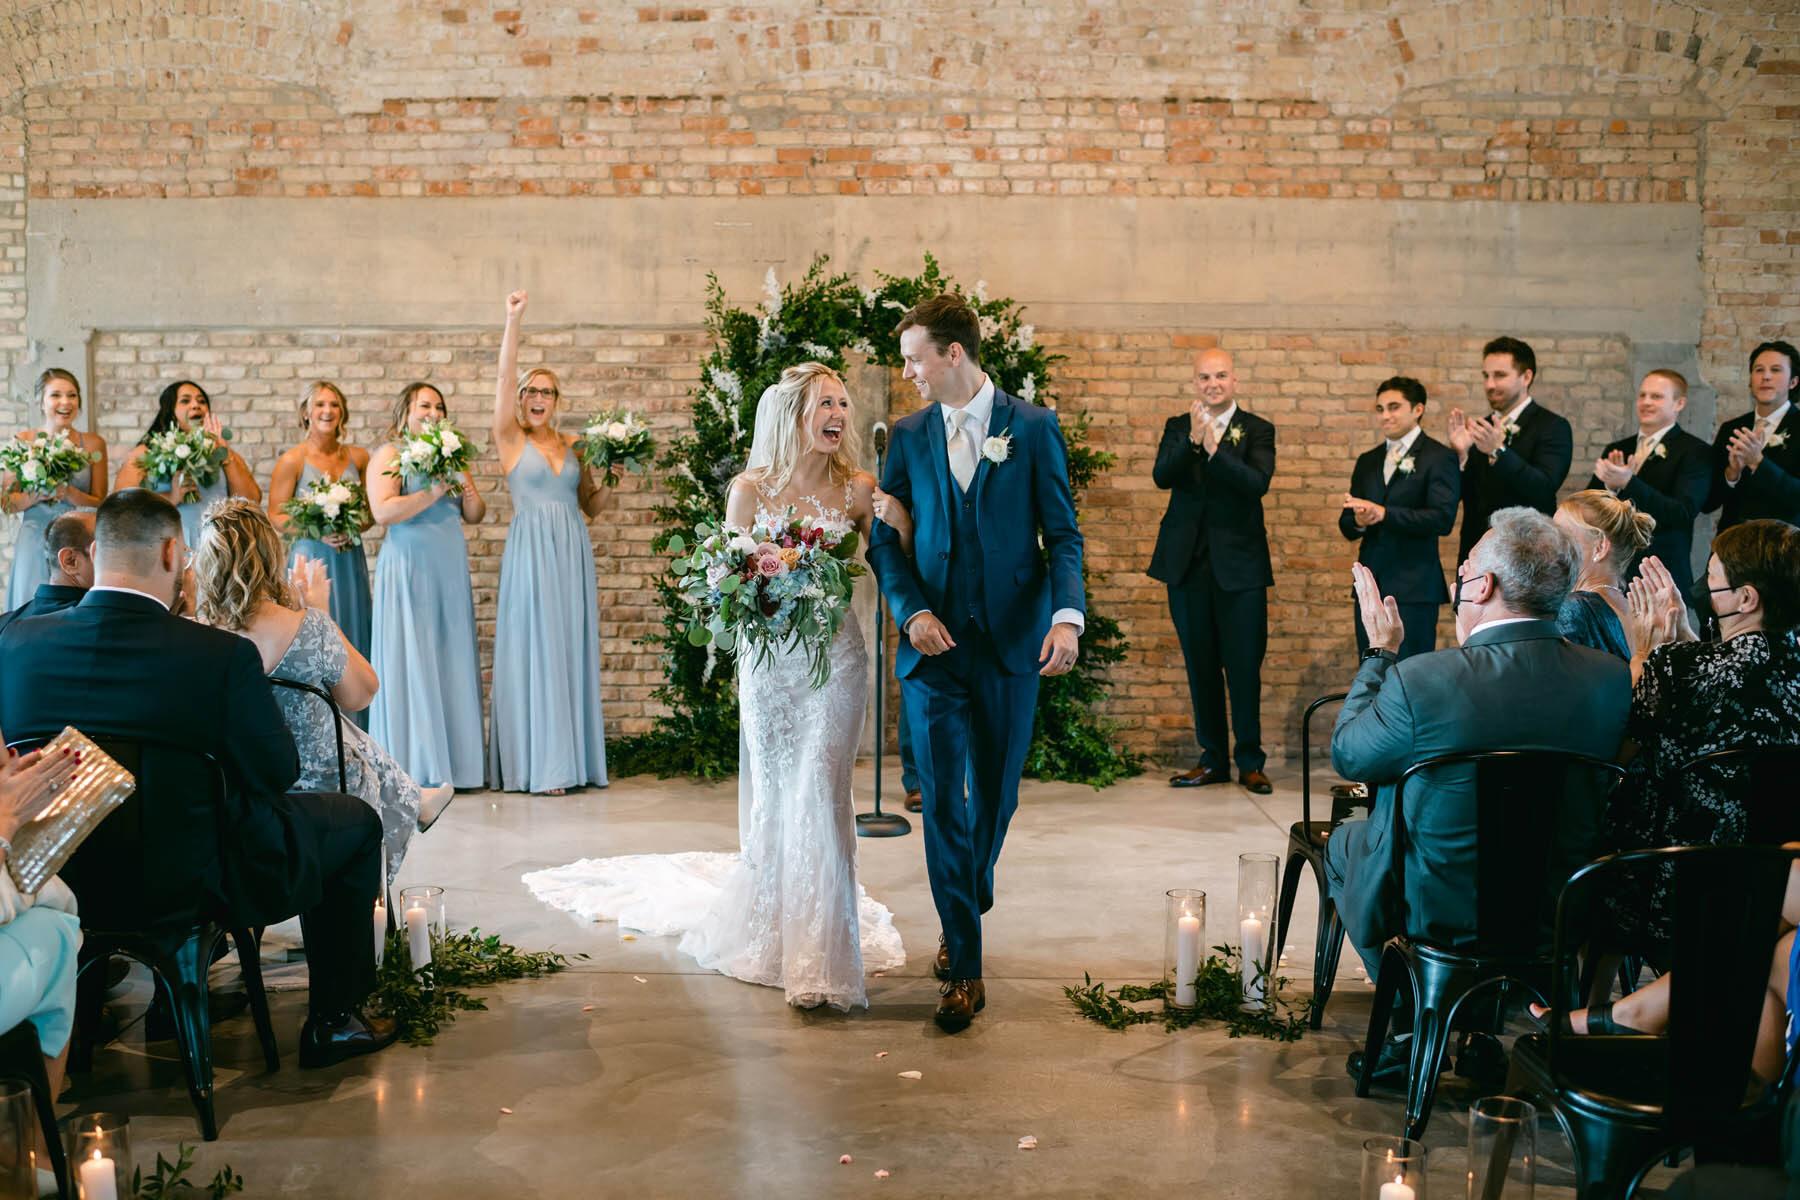 Brix wedding ceremony